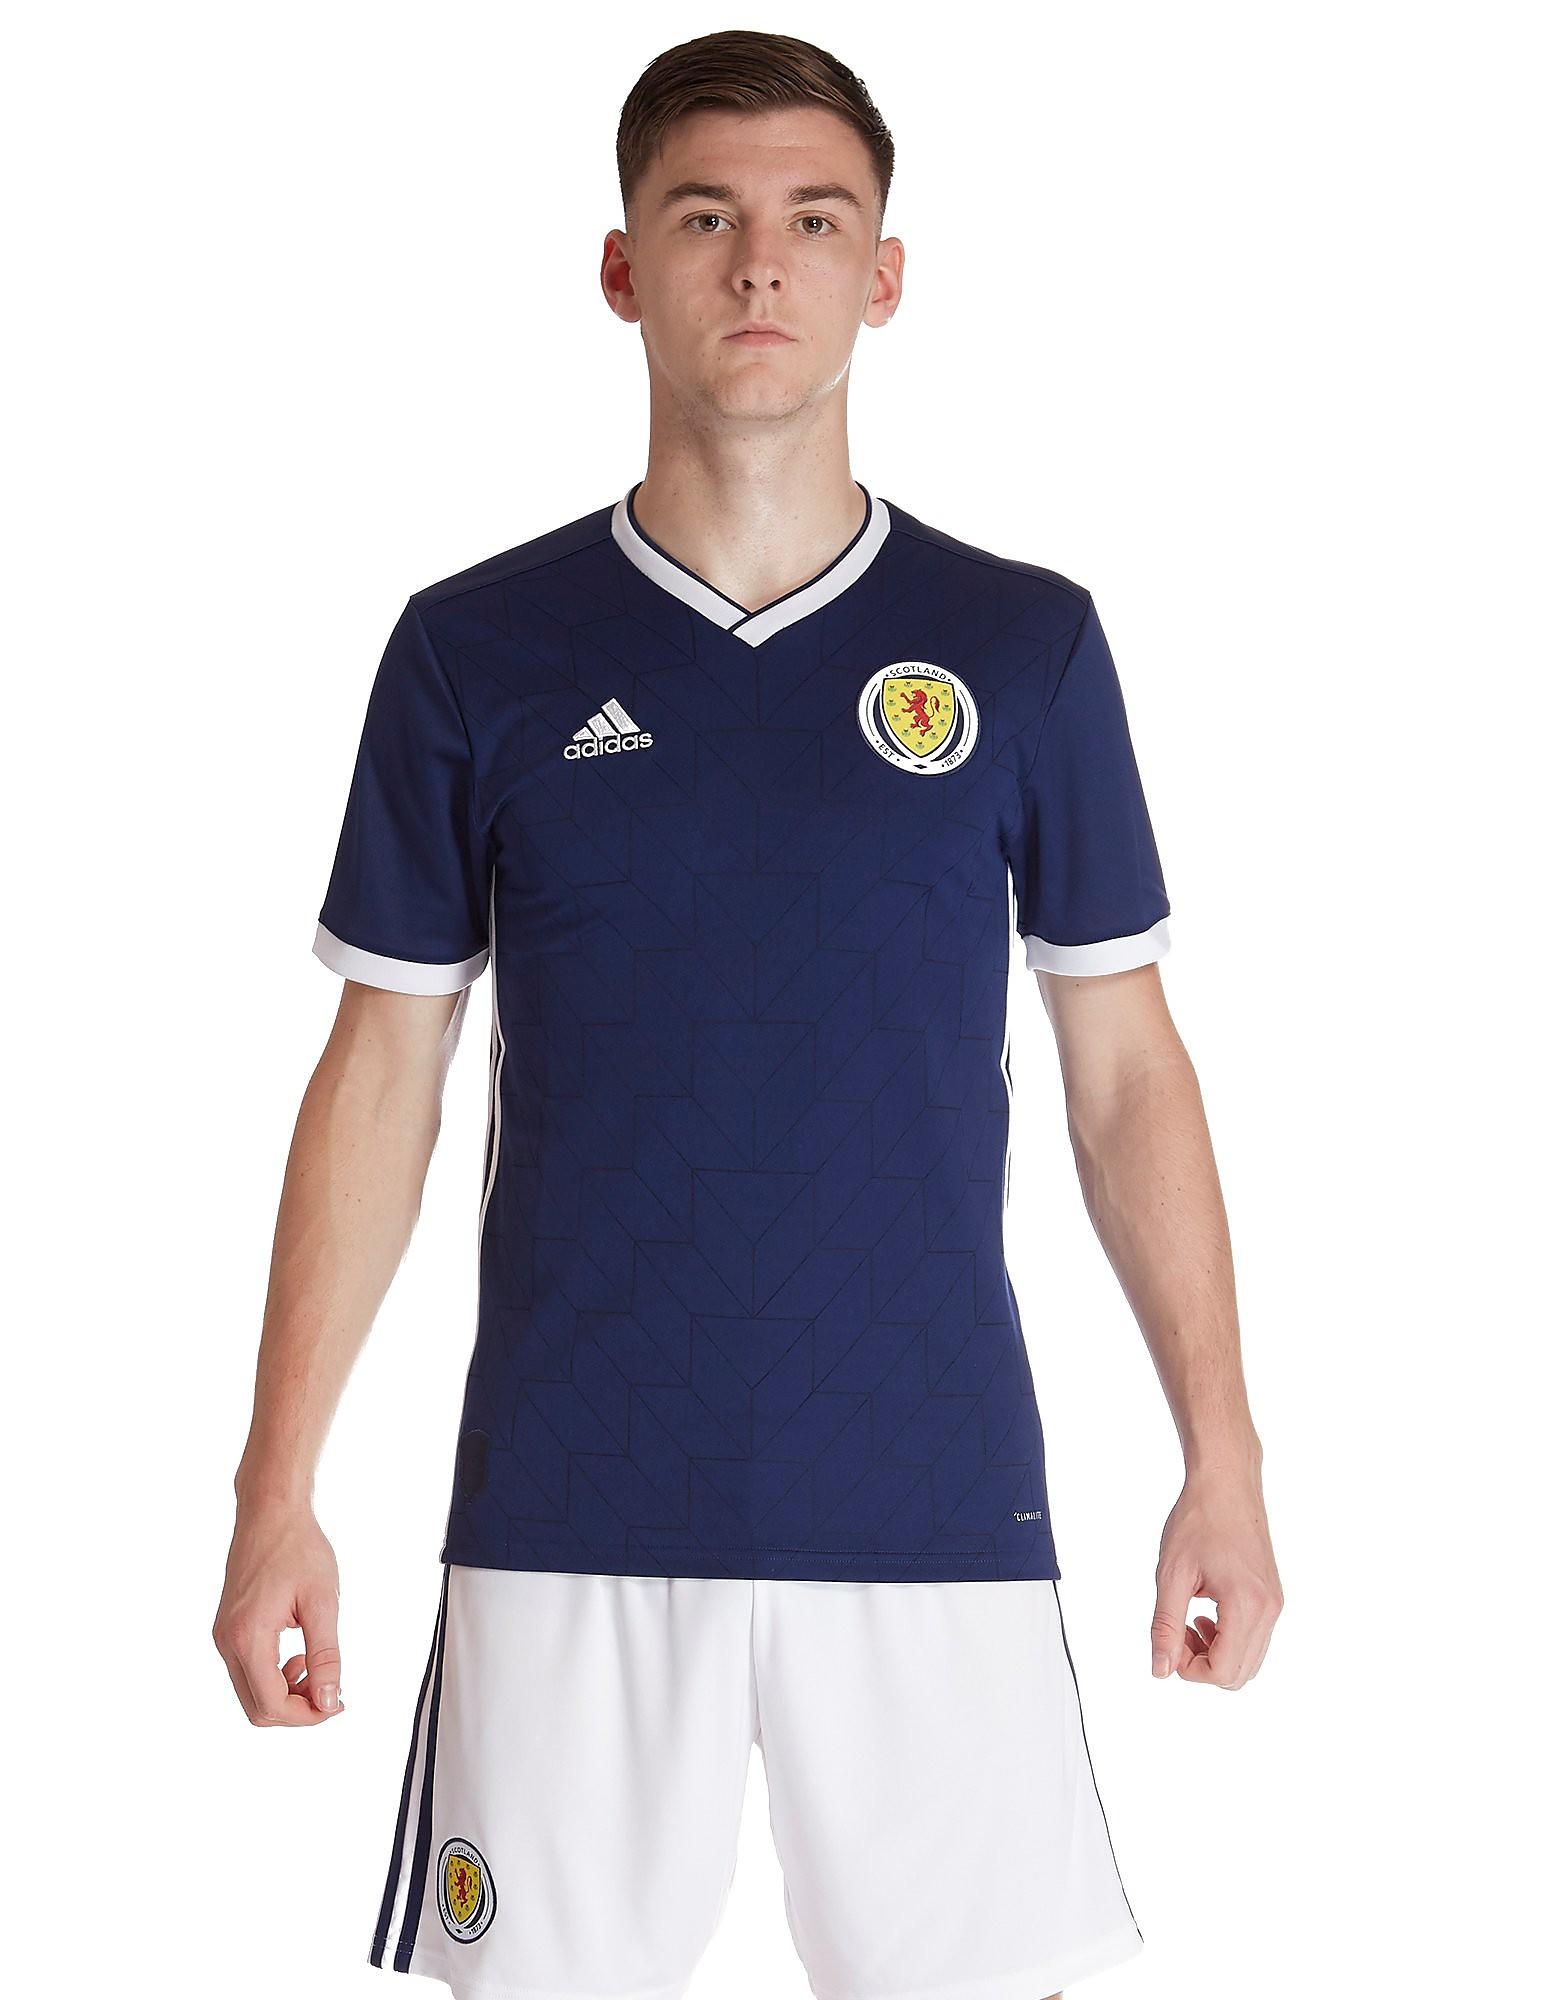 adidas Scotland 2017/18 Home Shirt